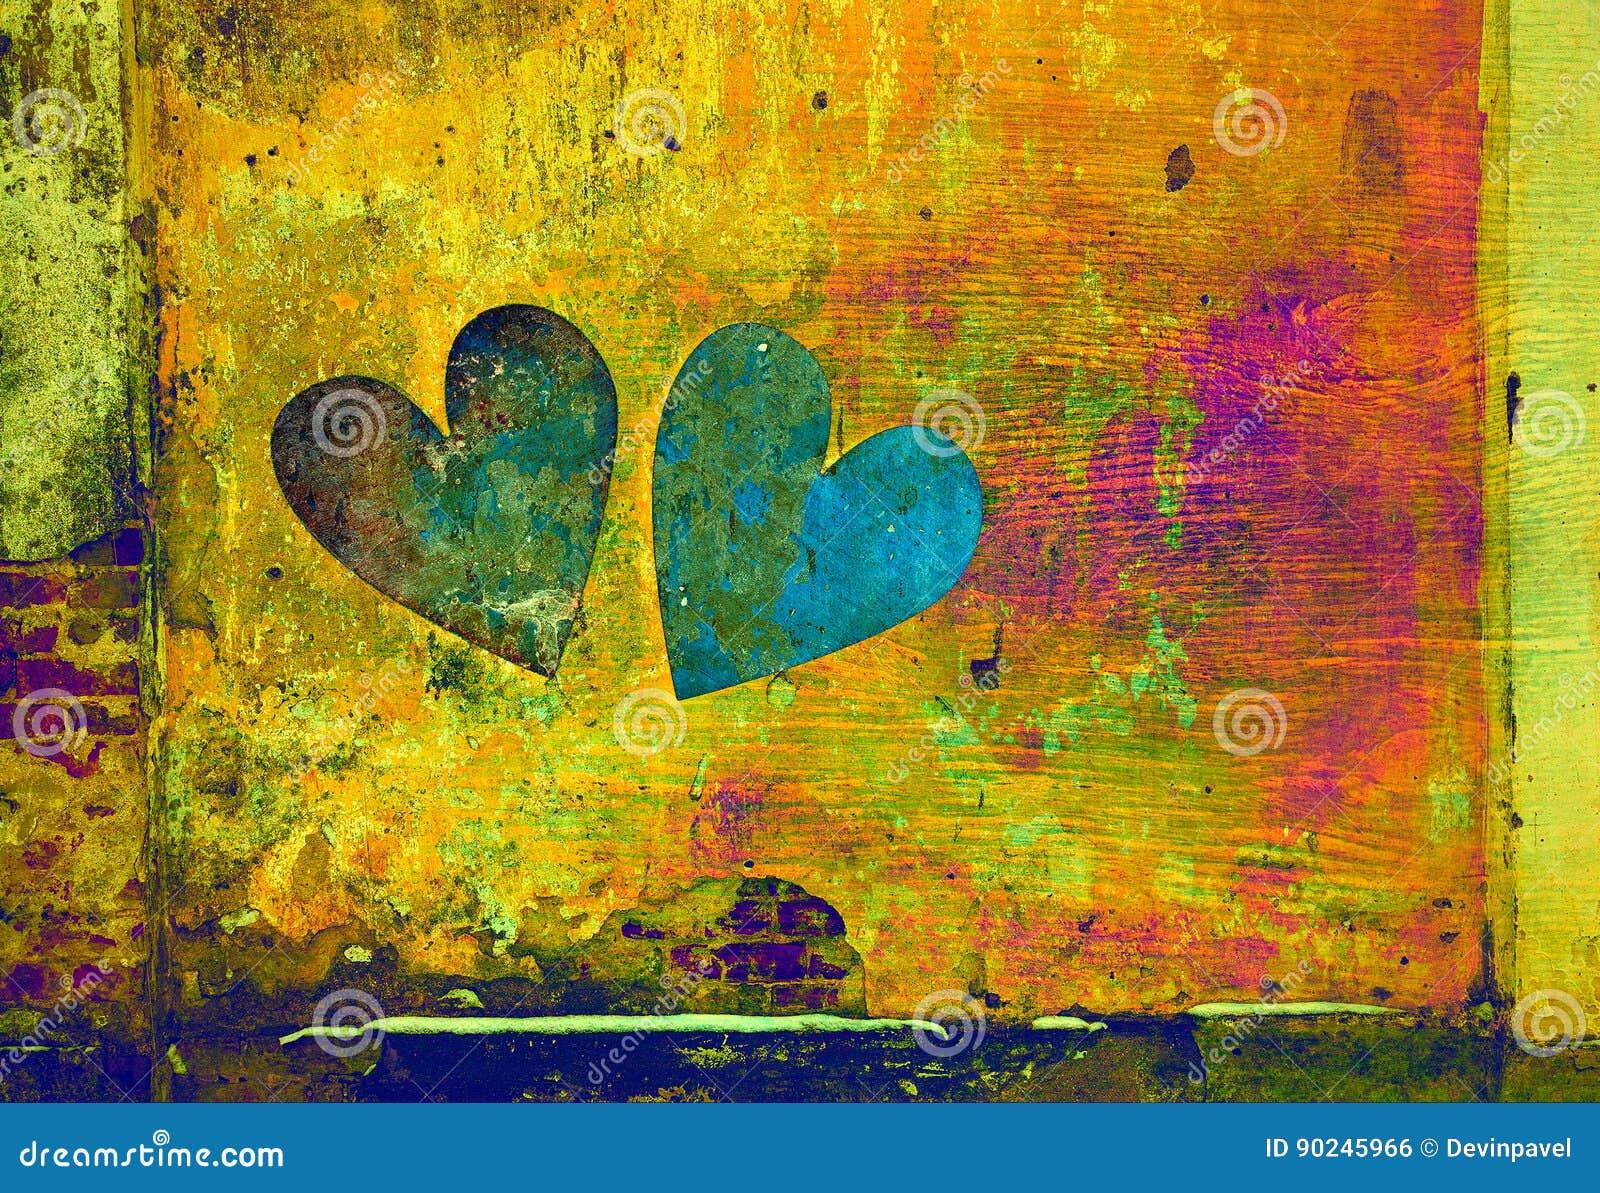 Liebe und Romance zwei Herzen in der Schmutzart auf abstraktem Hintergrund